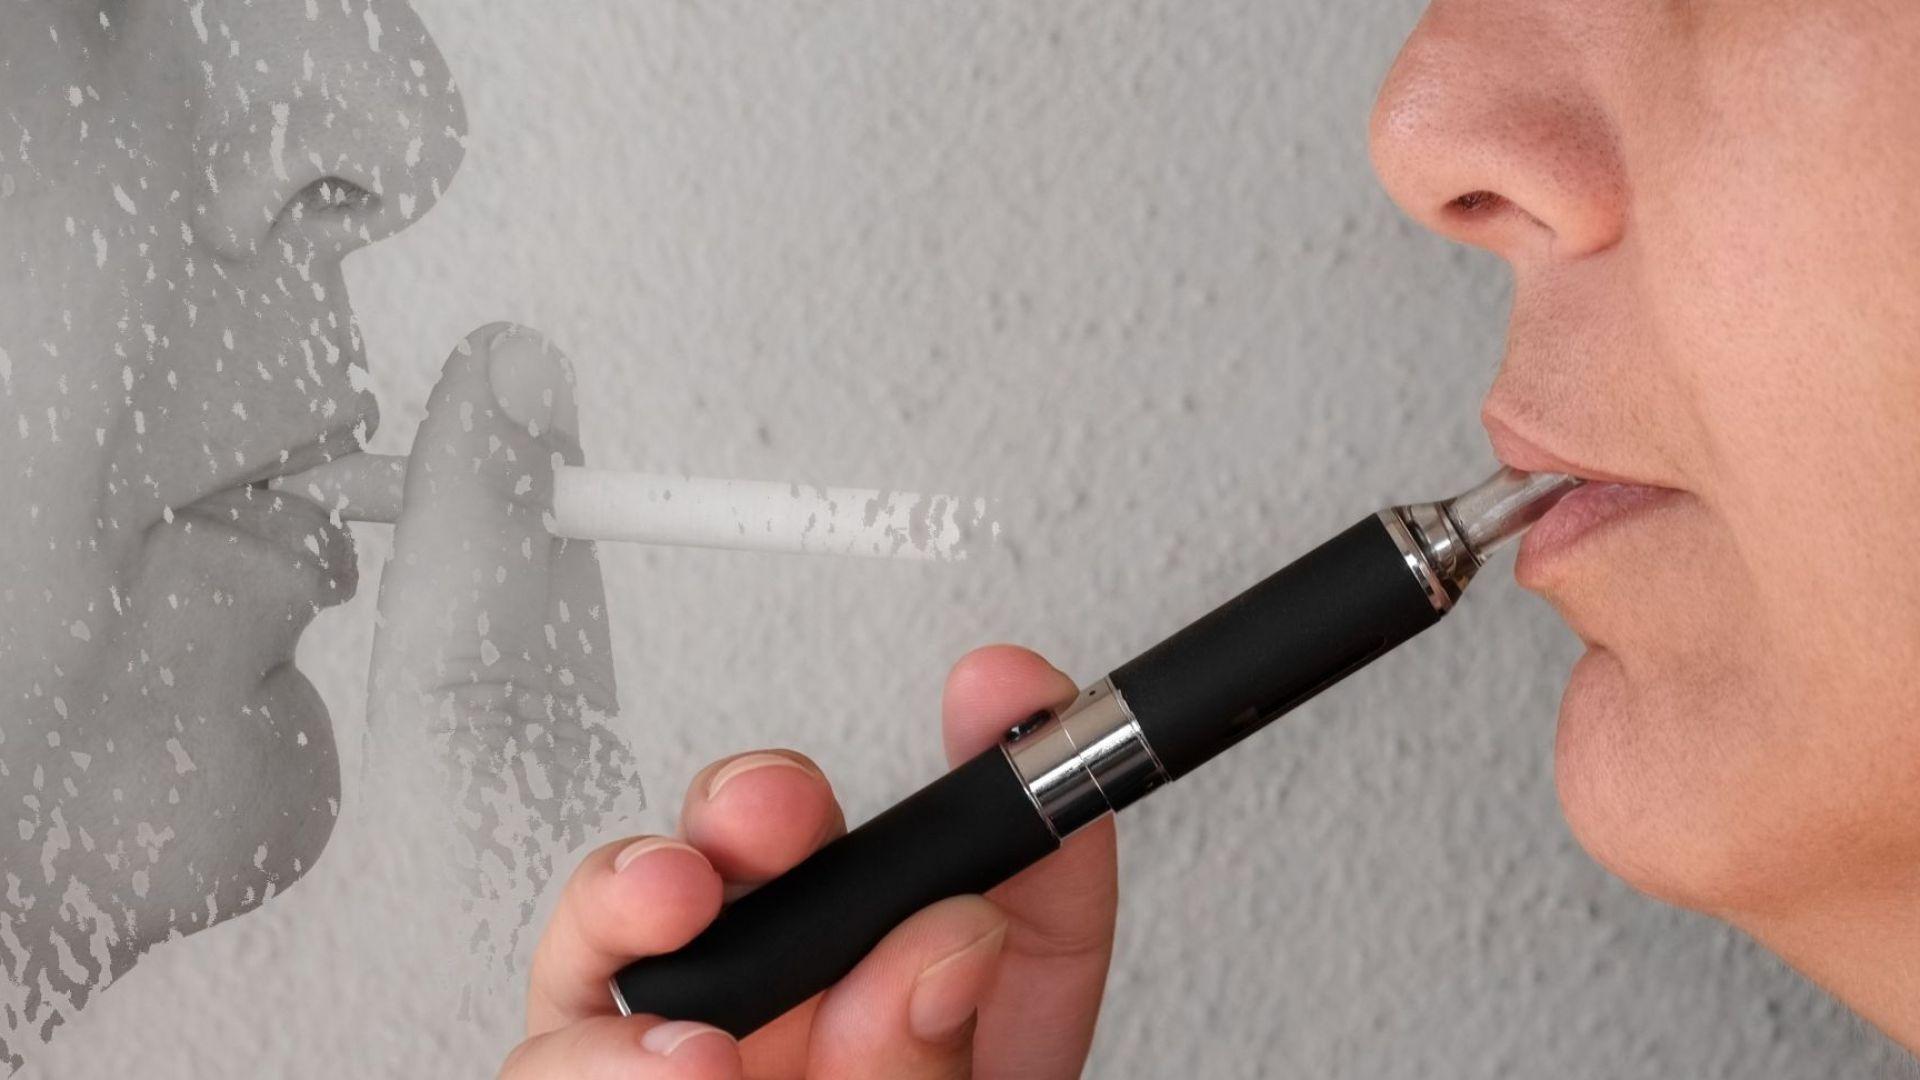 СЗО: Електронните цигари не са разрешение на проблема с тютюнопушенето